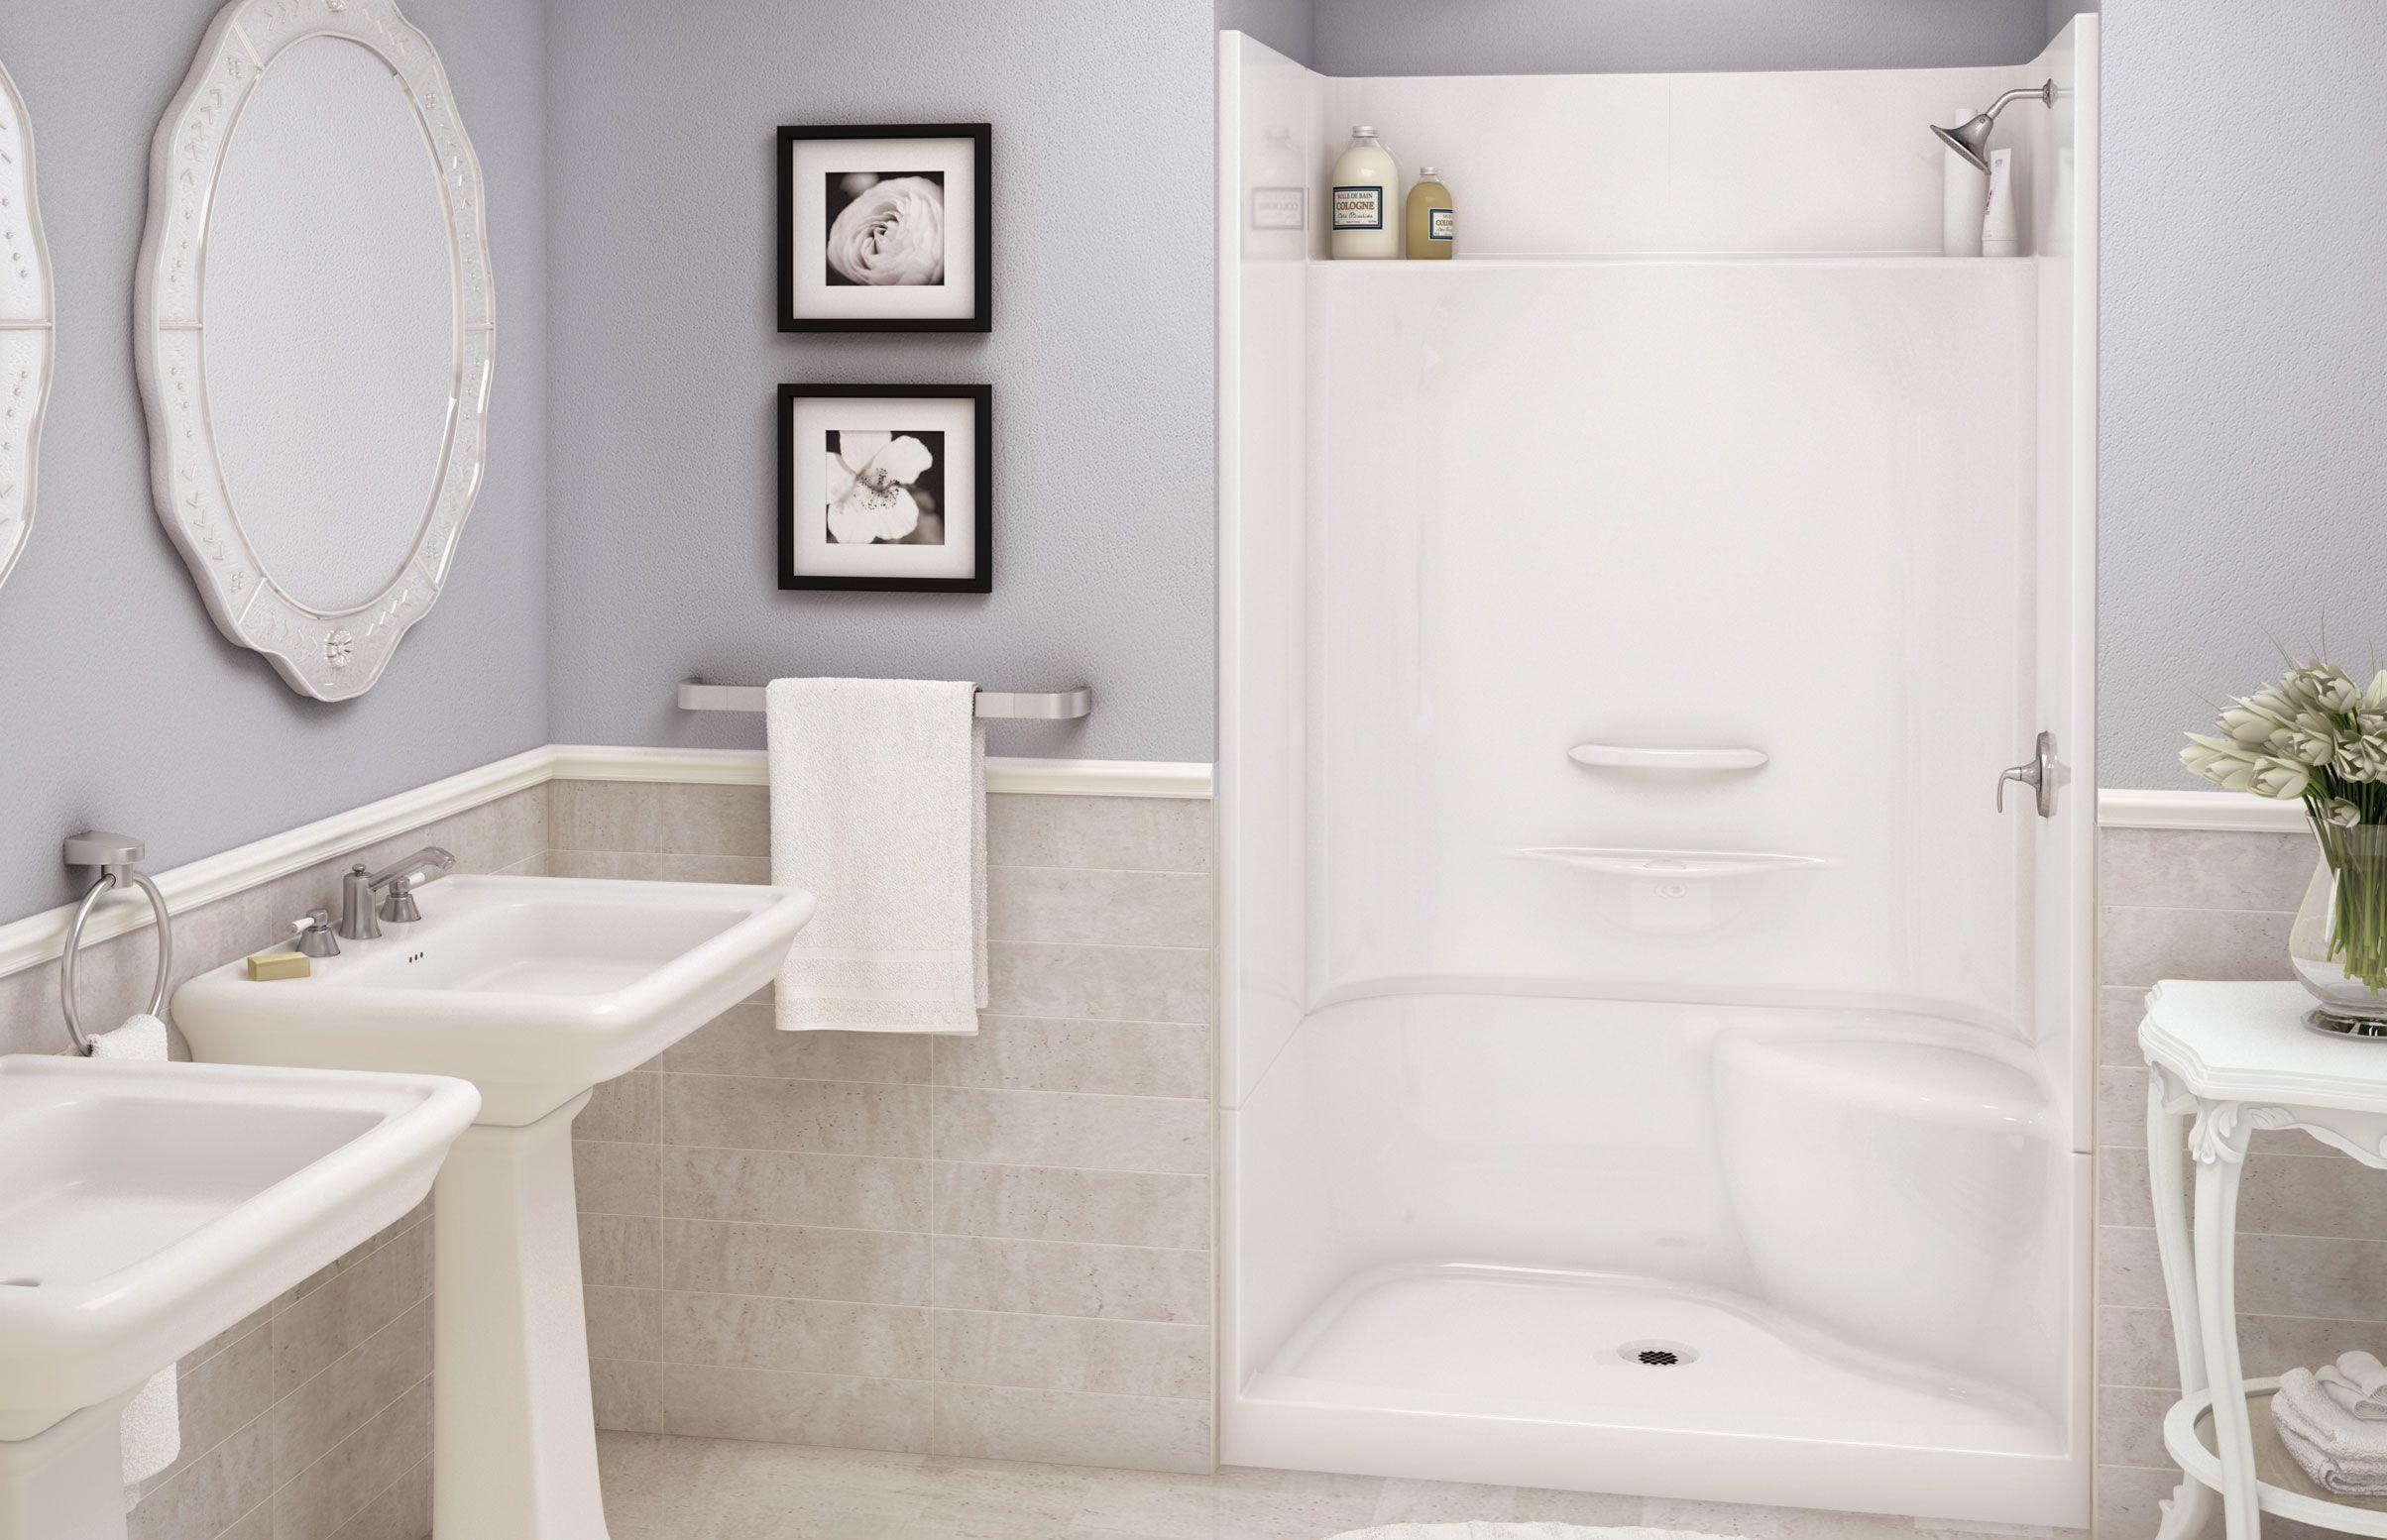 ESSENCE SH-4834 - Douche alcôve - MAAX Bath Inc. | Salle de bain ...